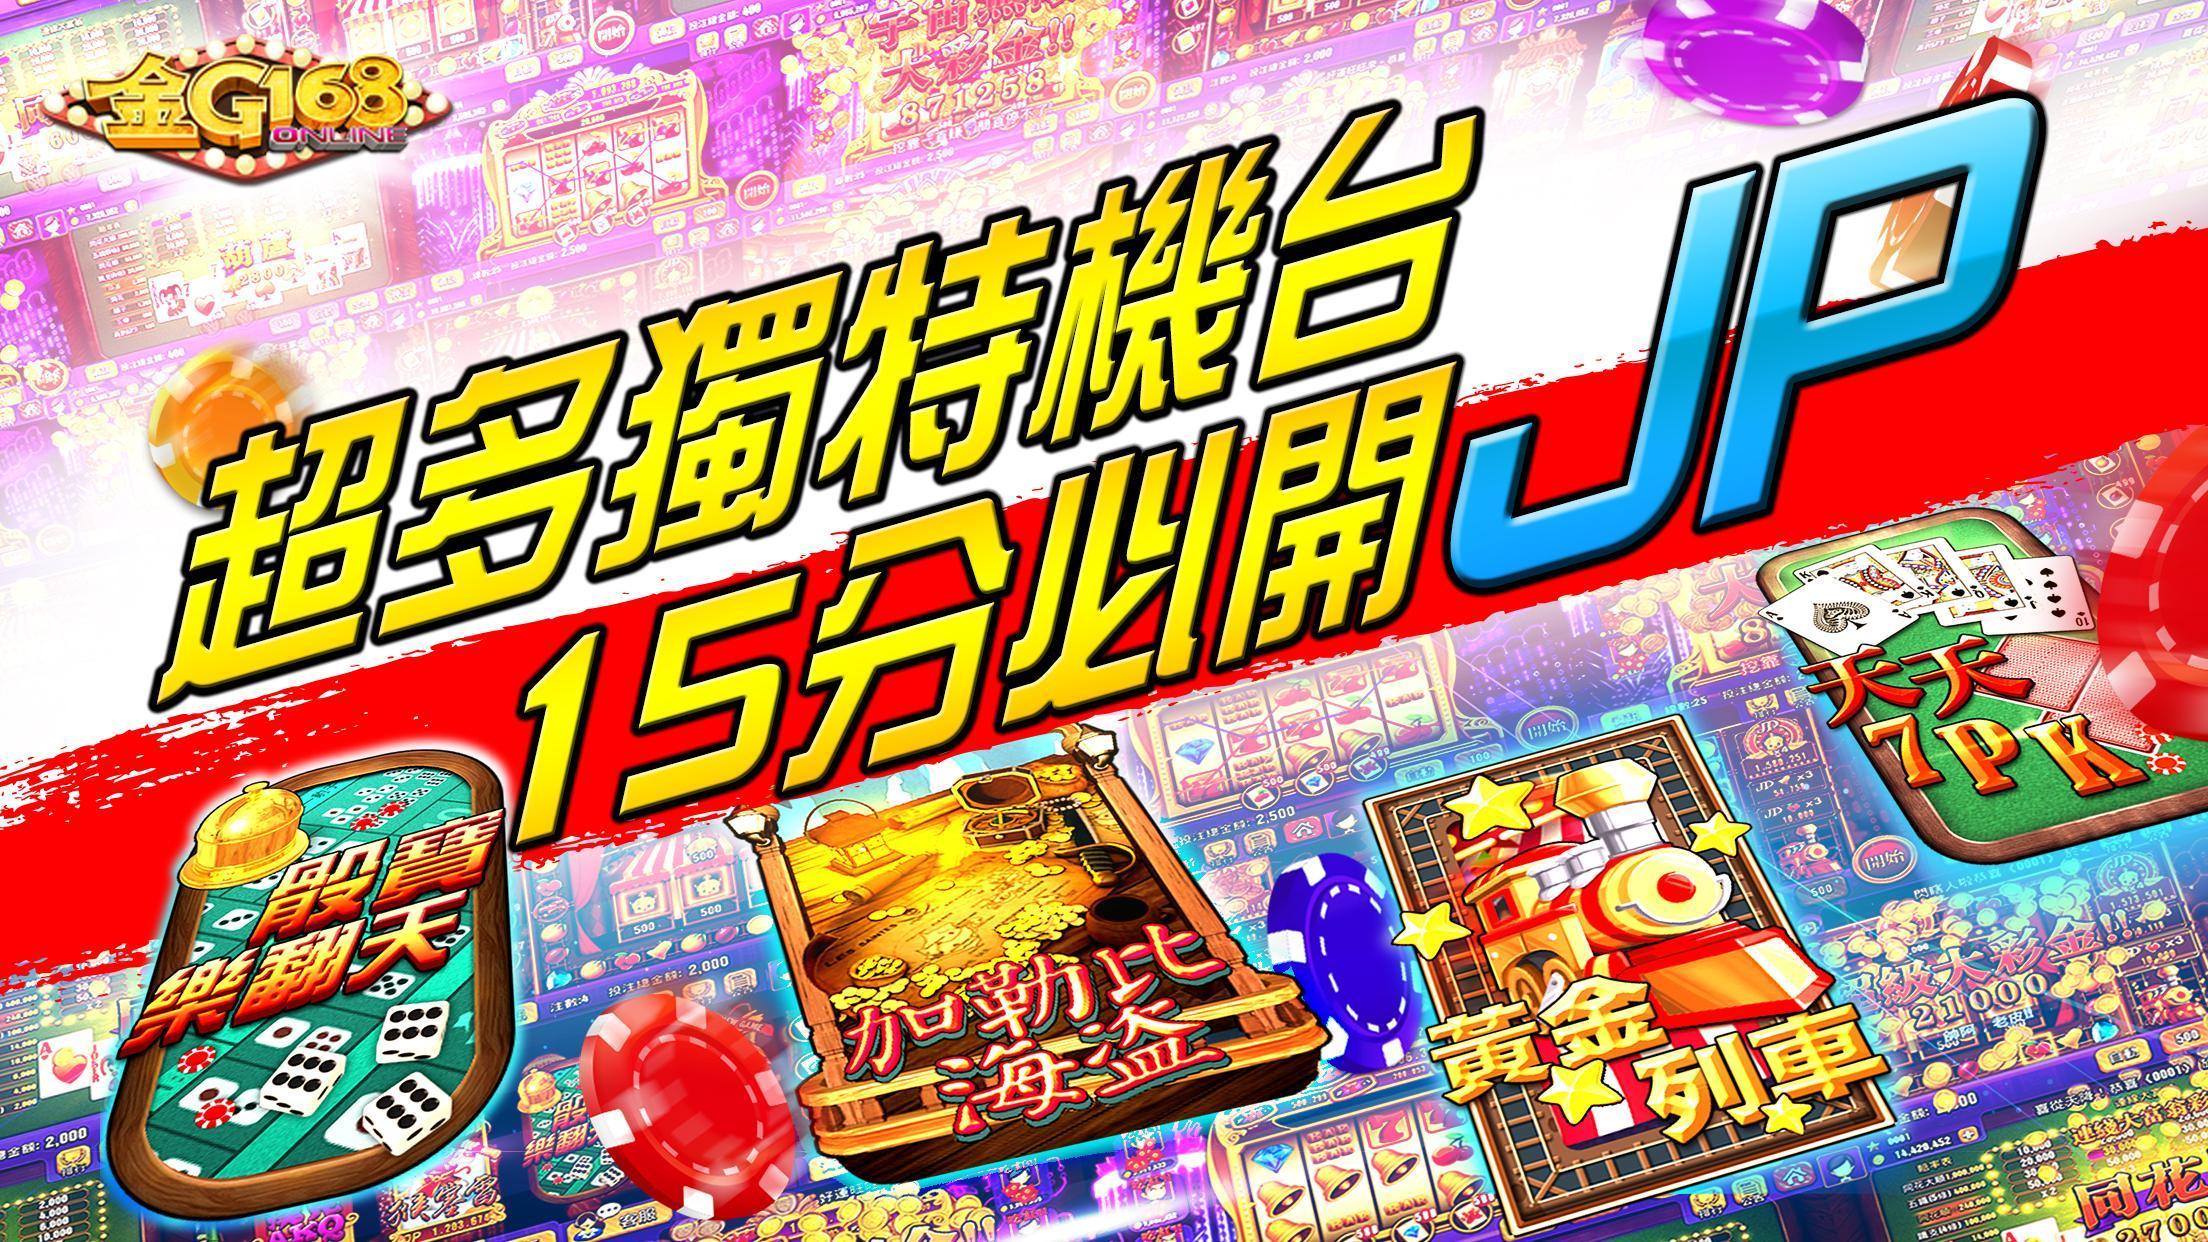 金G168 Casino -老虎機,7PK撲克,小瑪莉,骰寶 1.1.23 Screenshot 6